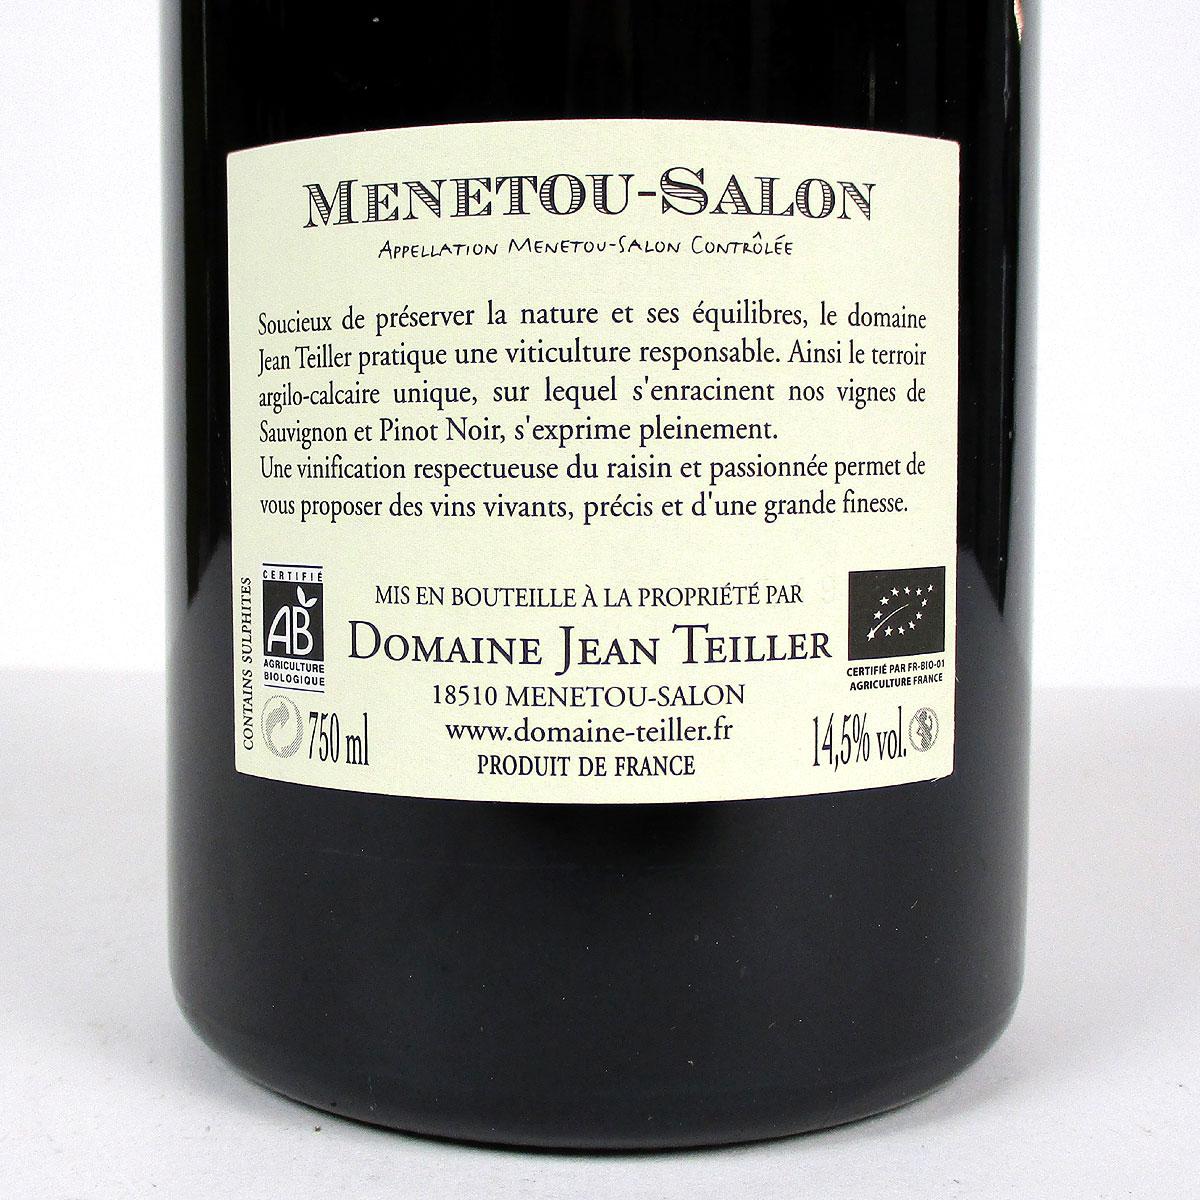 Menetou Salon: Domaine Jean Teiller Rouge 2019 - Bottle Rear Label